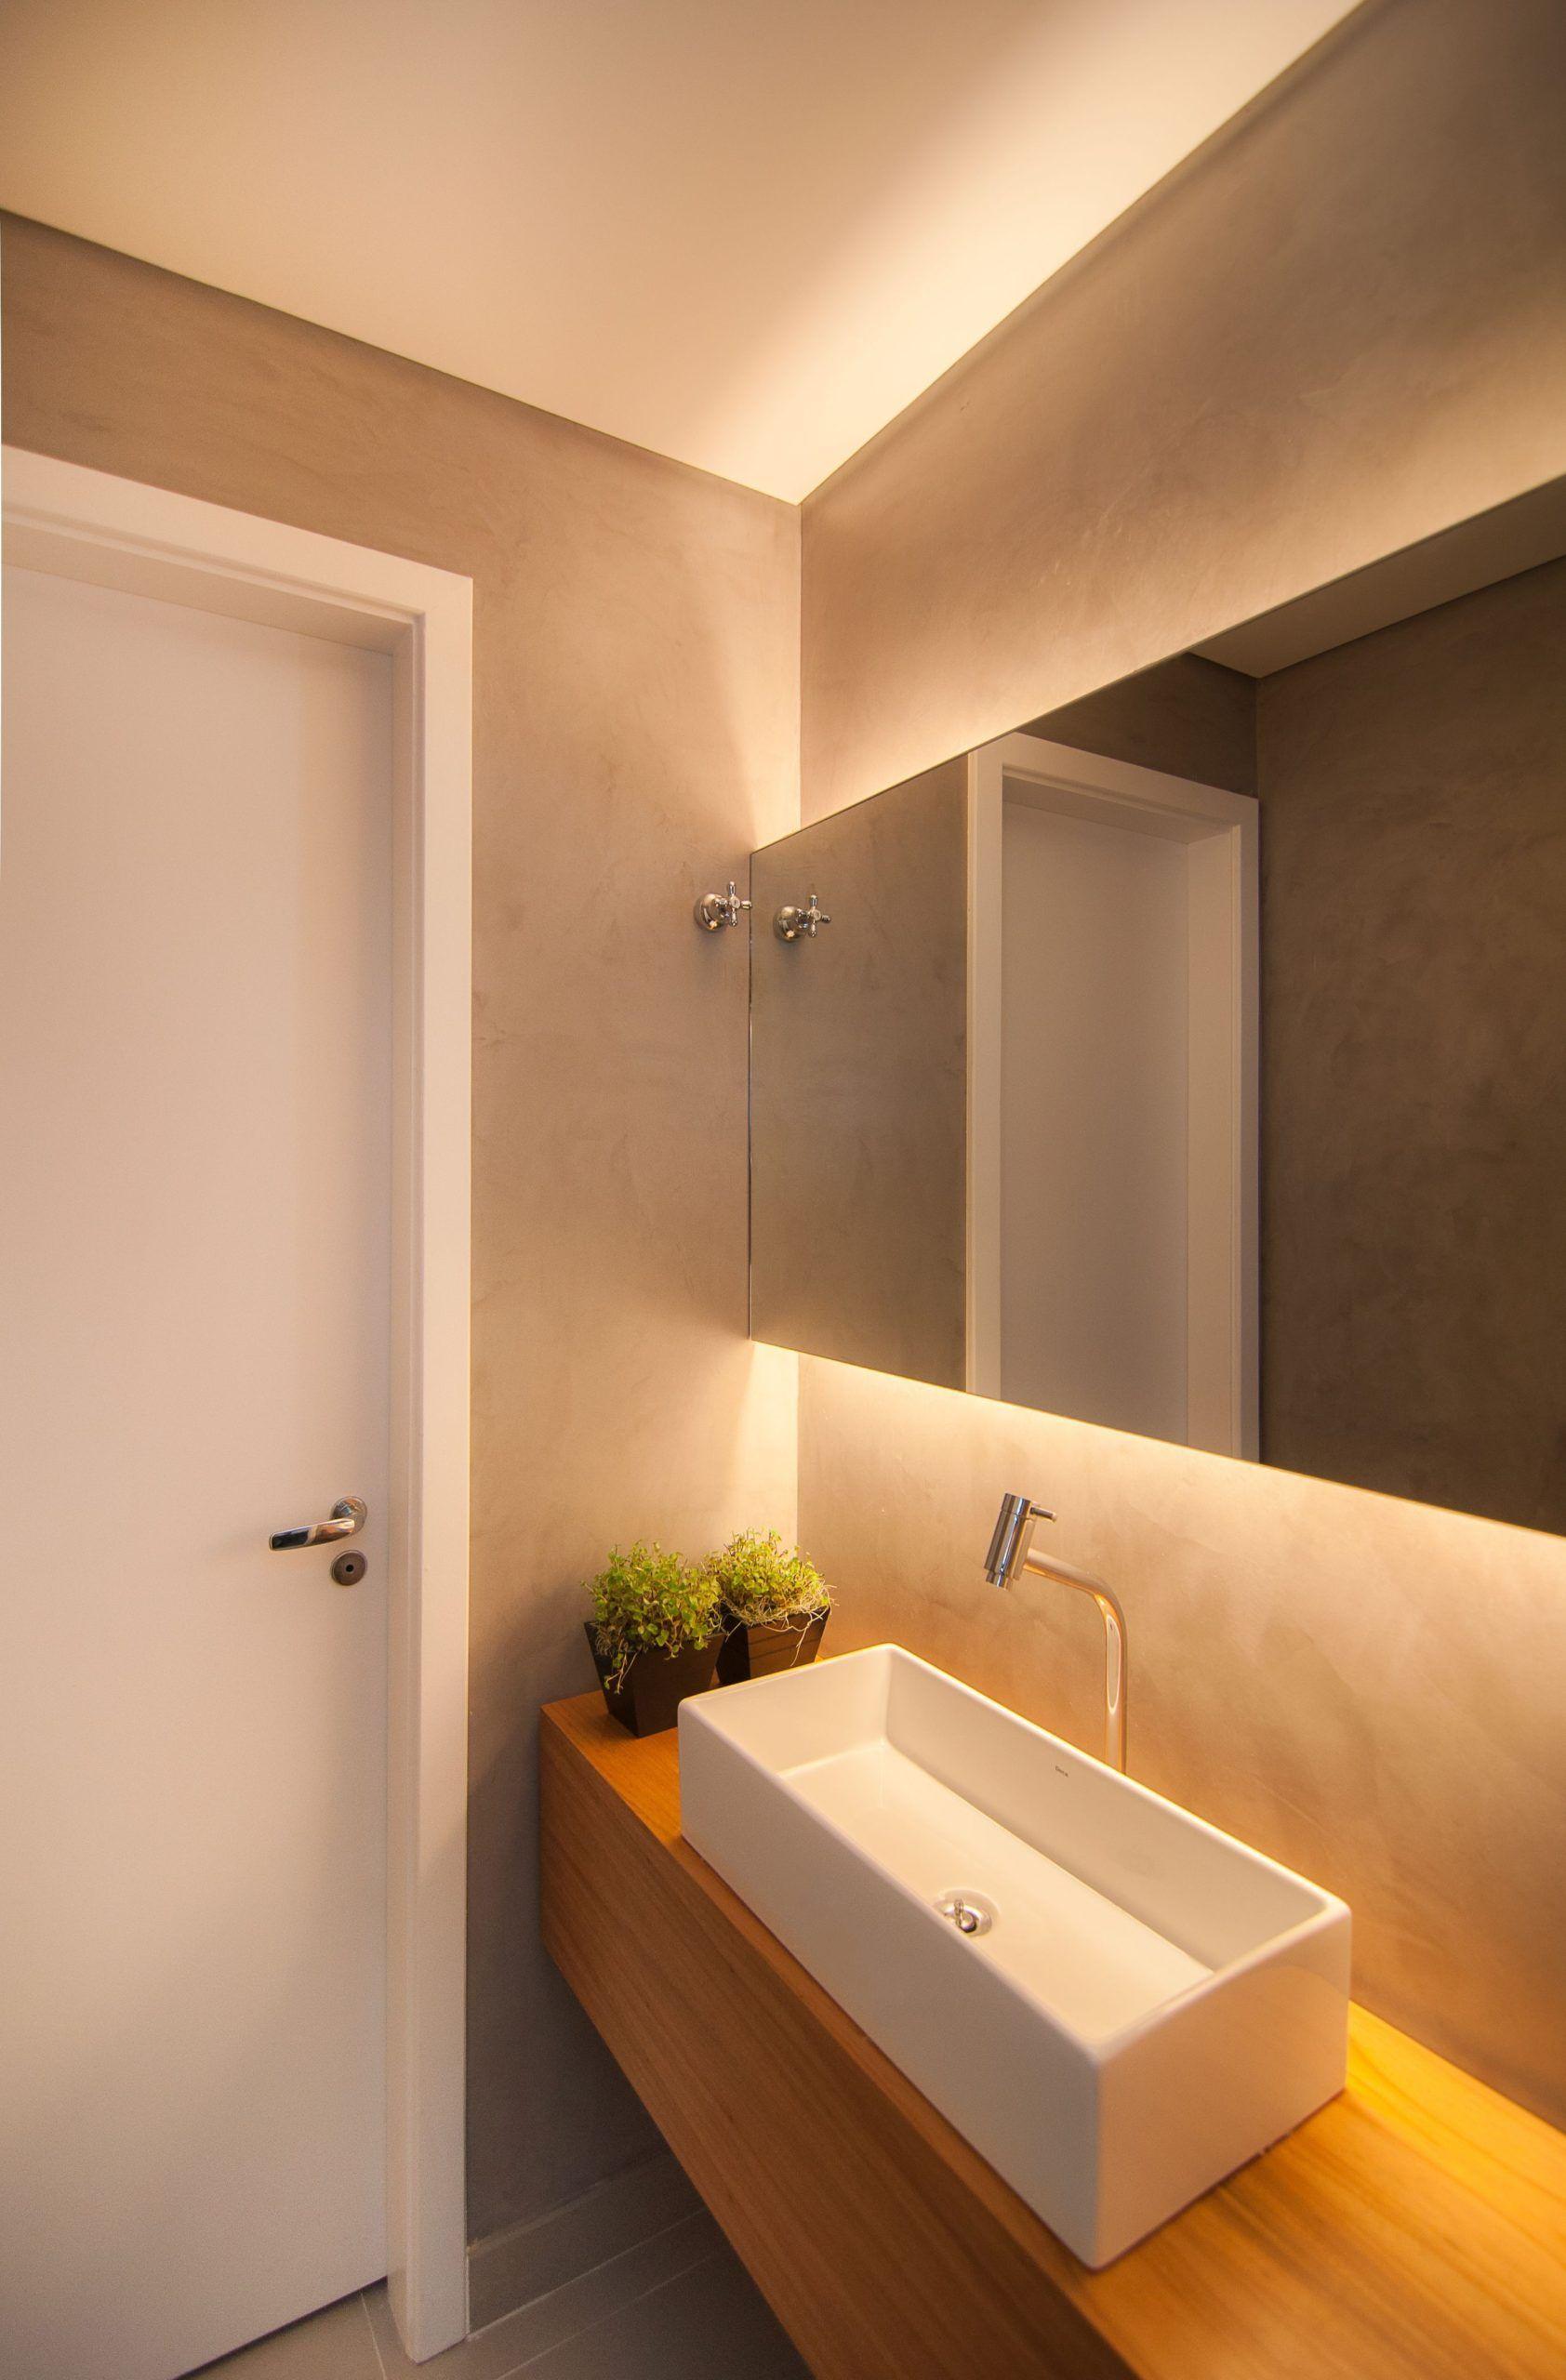 11 Indirekte Beleuchtung Hinter Dem Spiegel Idee Furs Gastebad Eintagamsee Badezimmer Badezimmer Innenausstattung Dusche Umgestalten